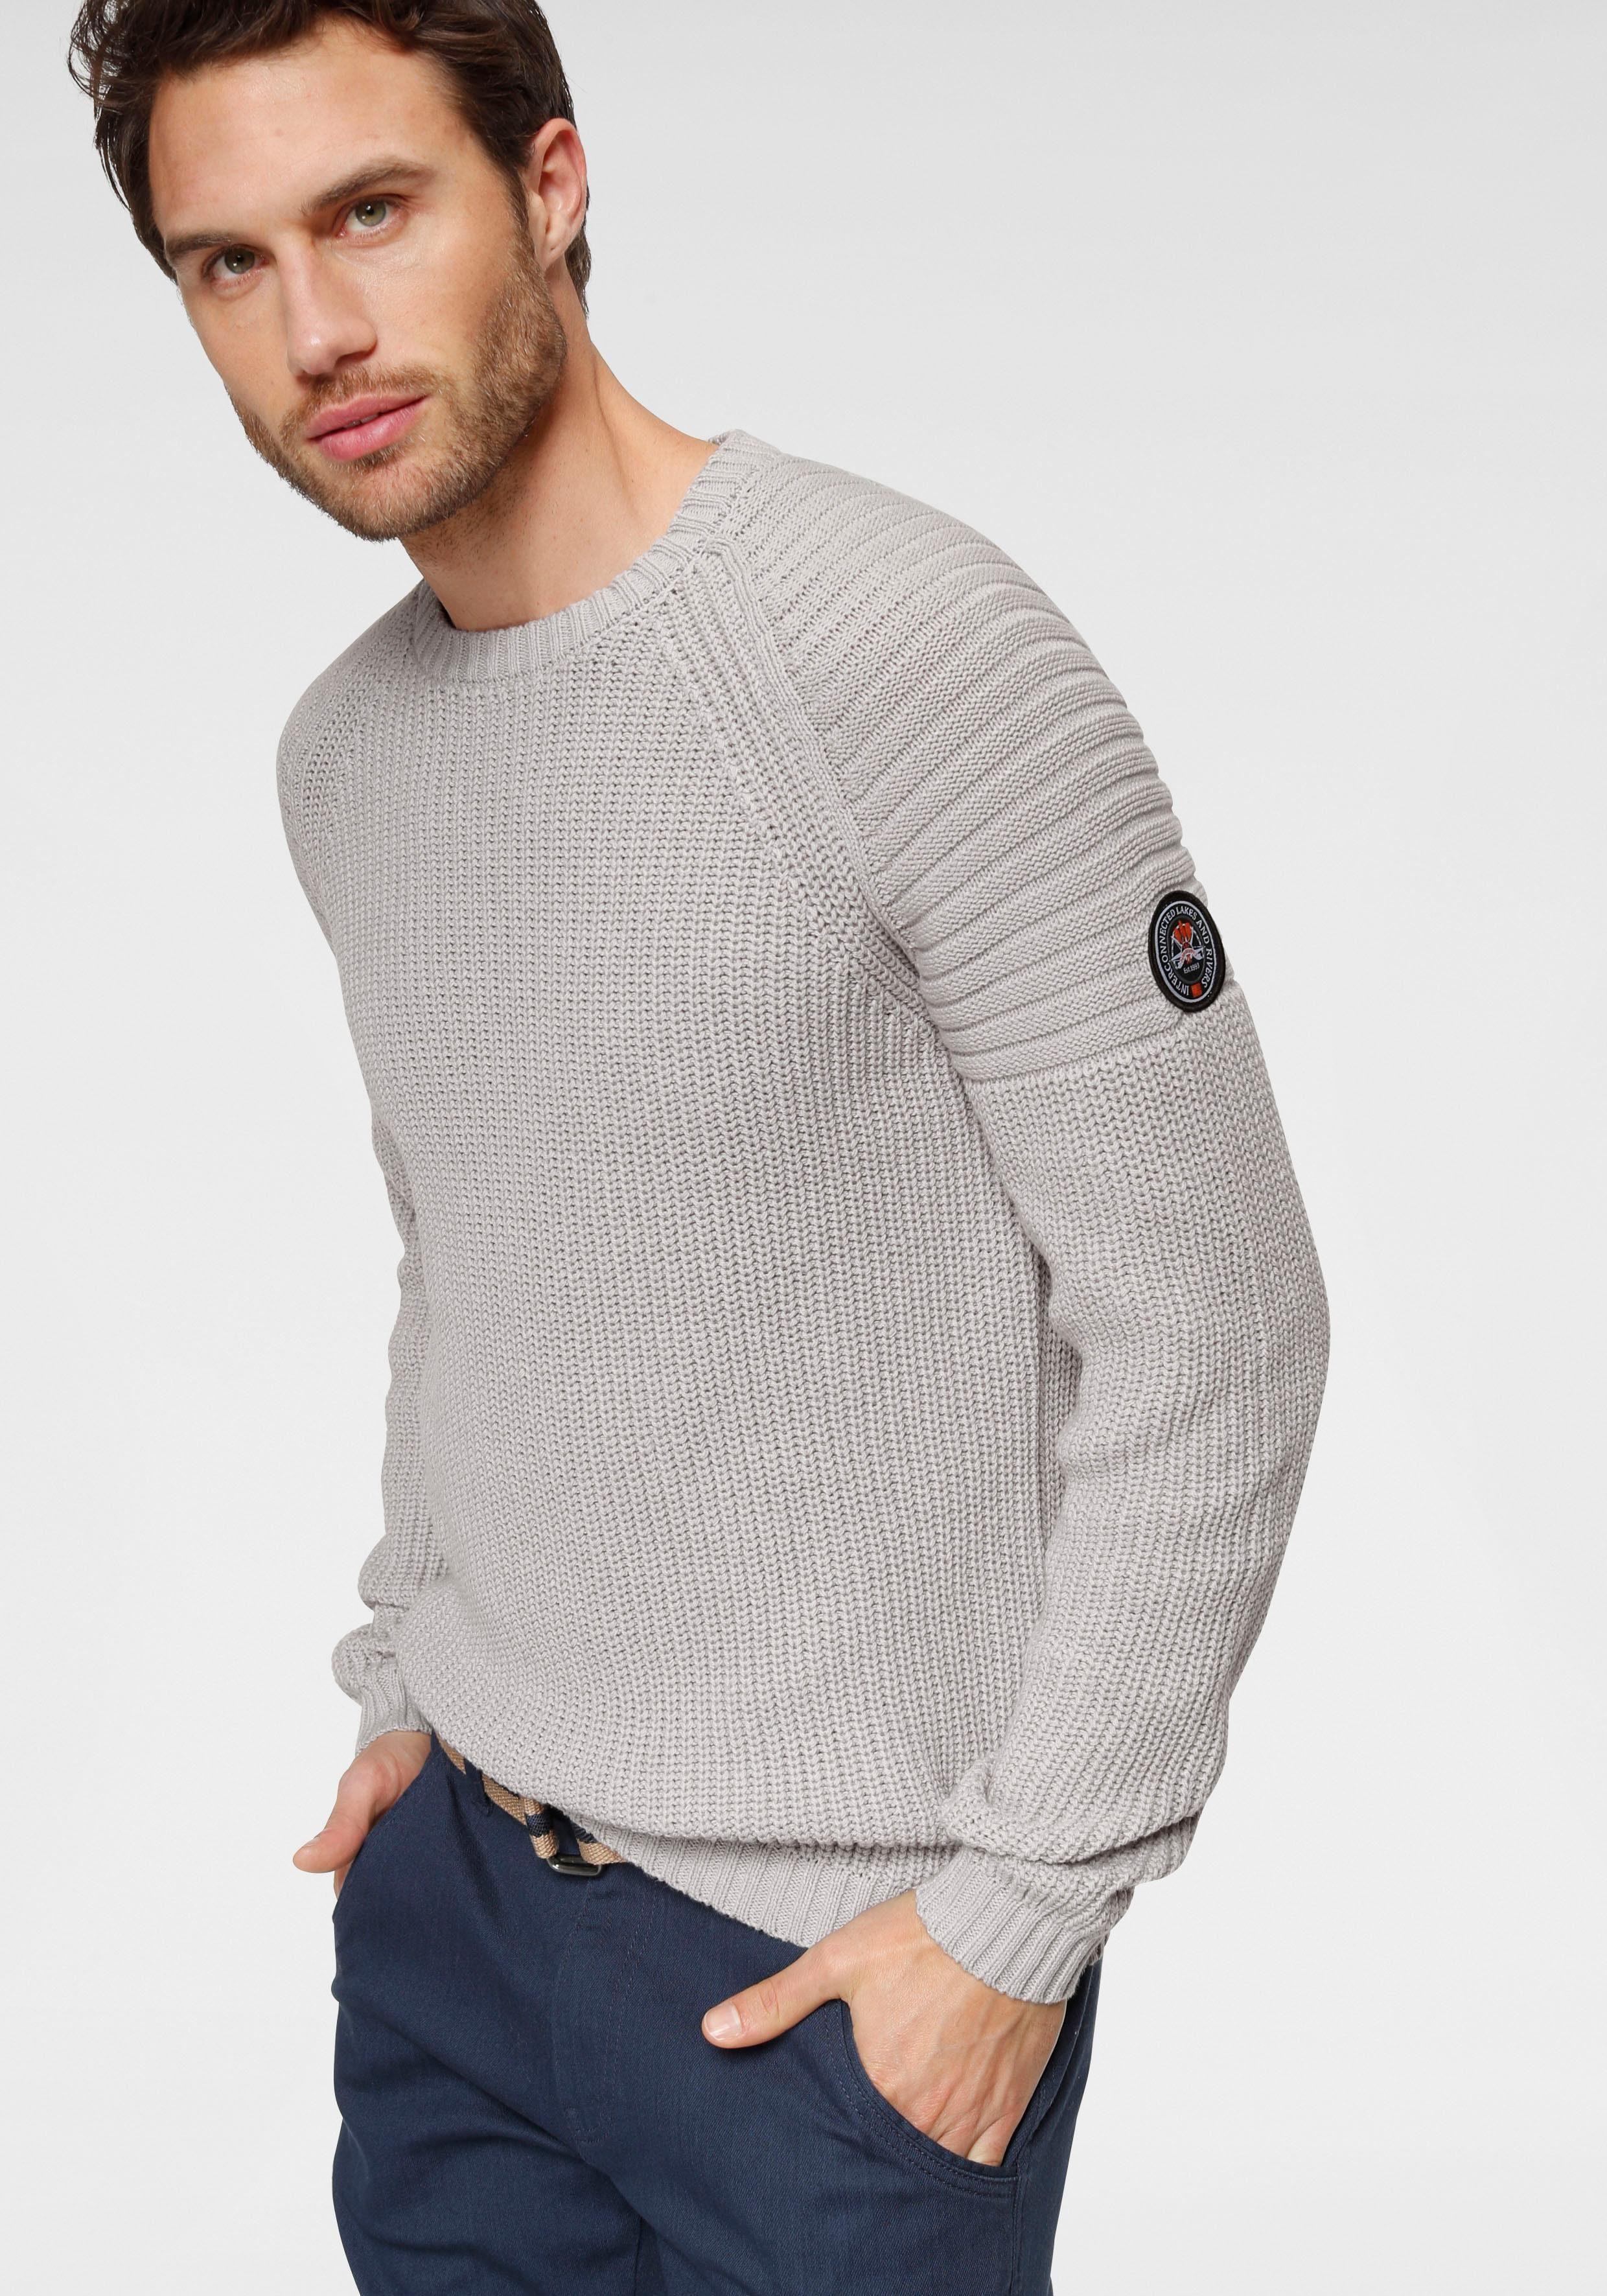 Heren truien online kopen | GENTS